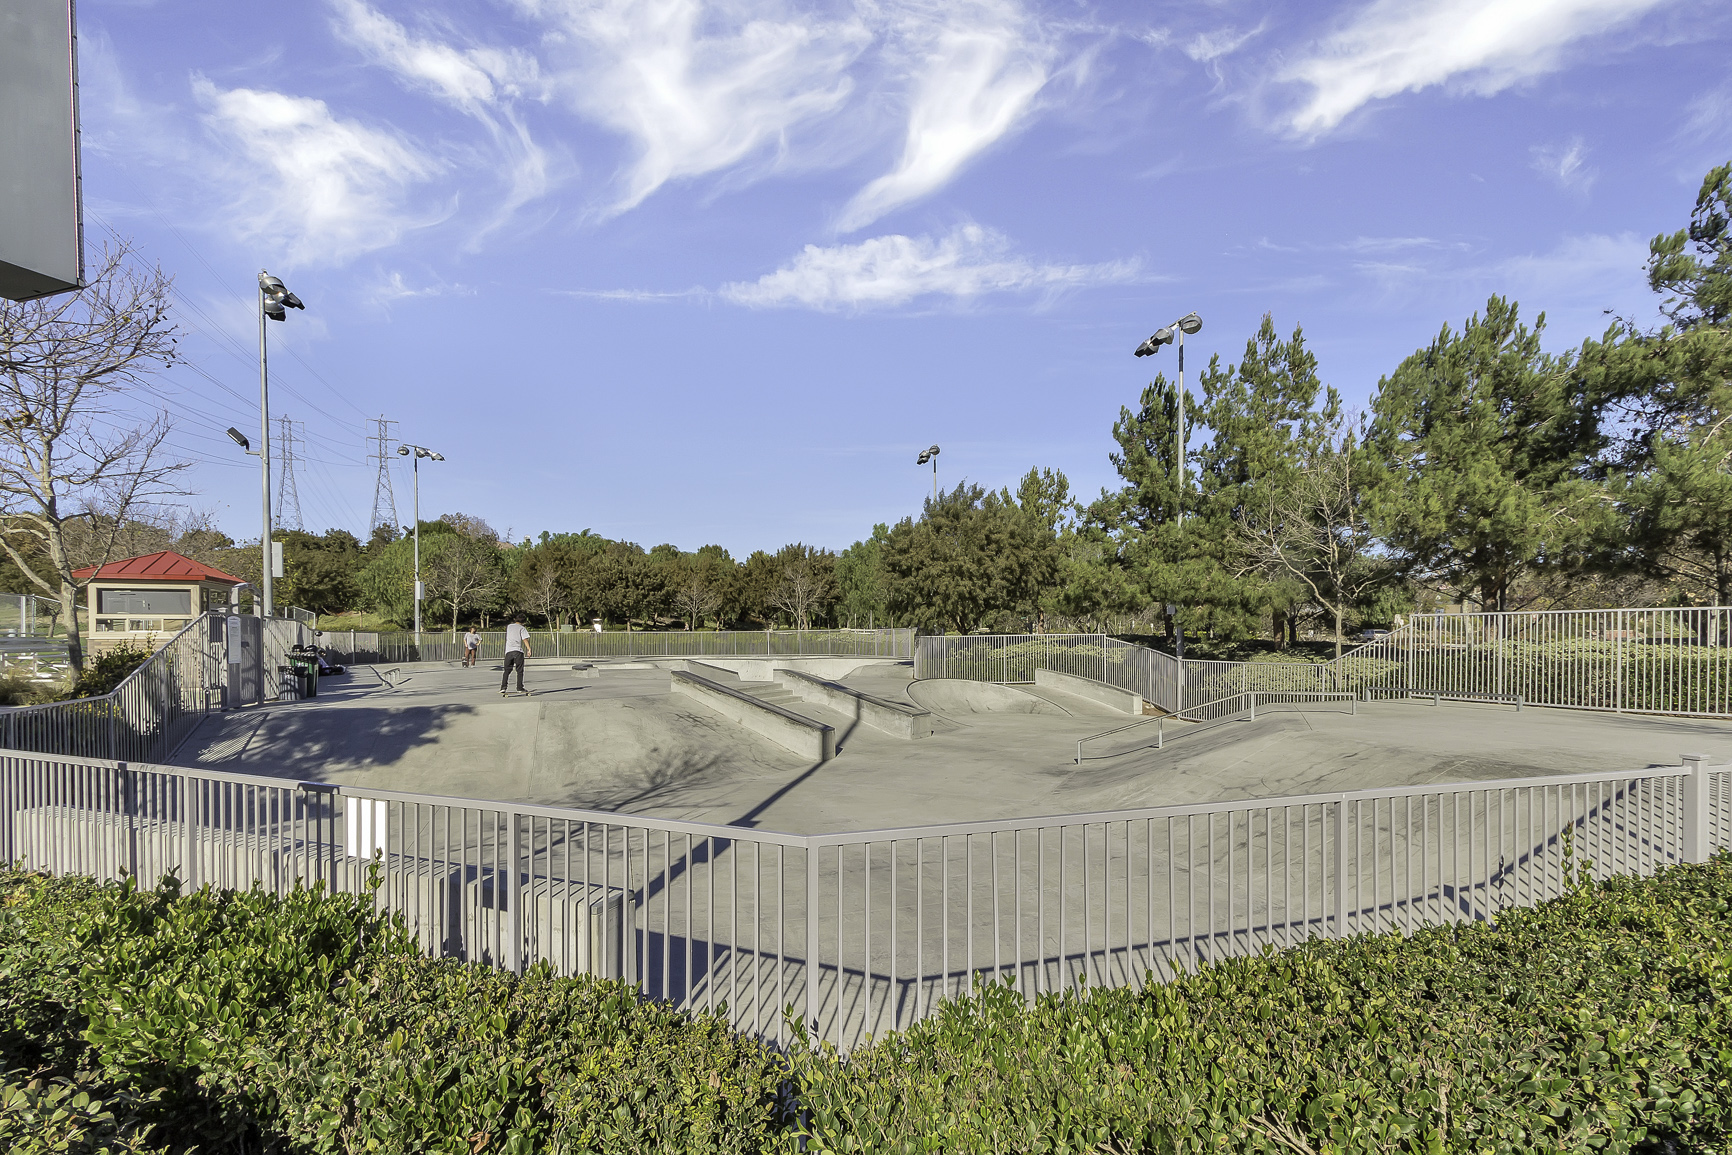 Ladera Skate Park